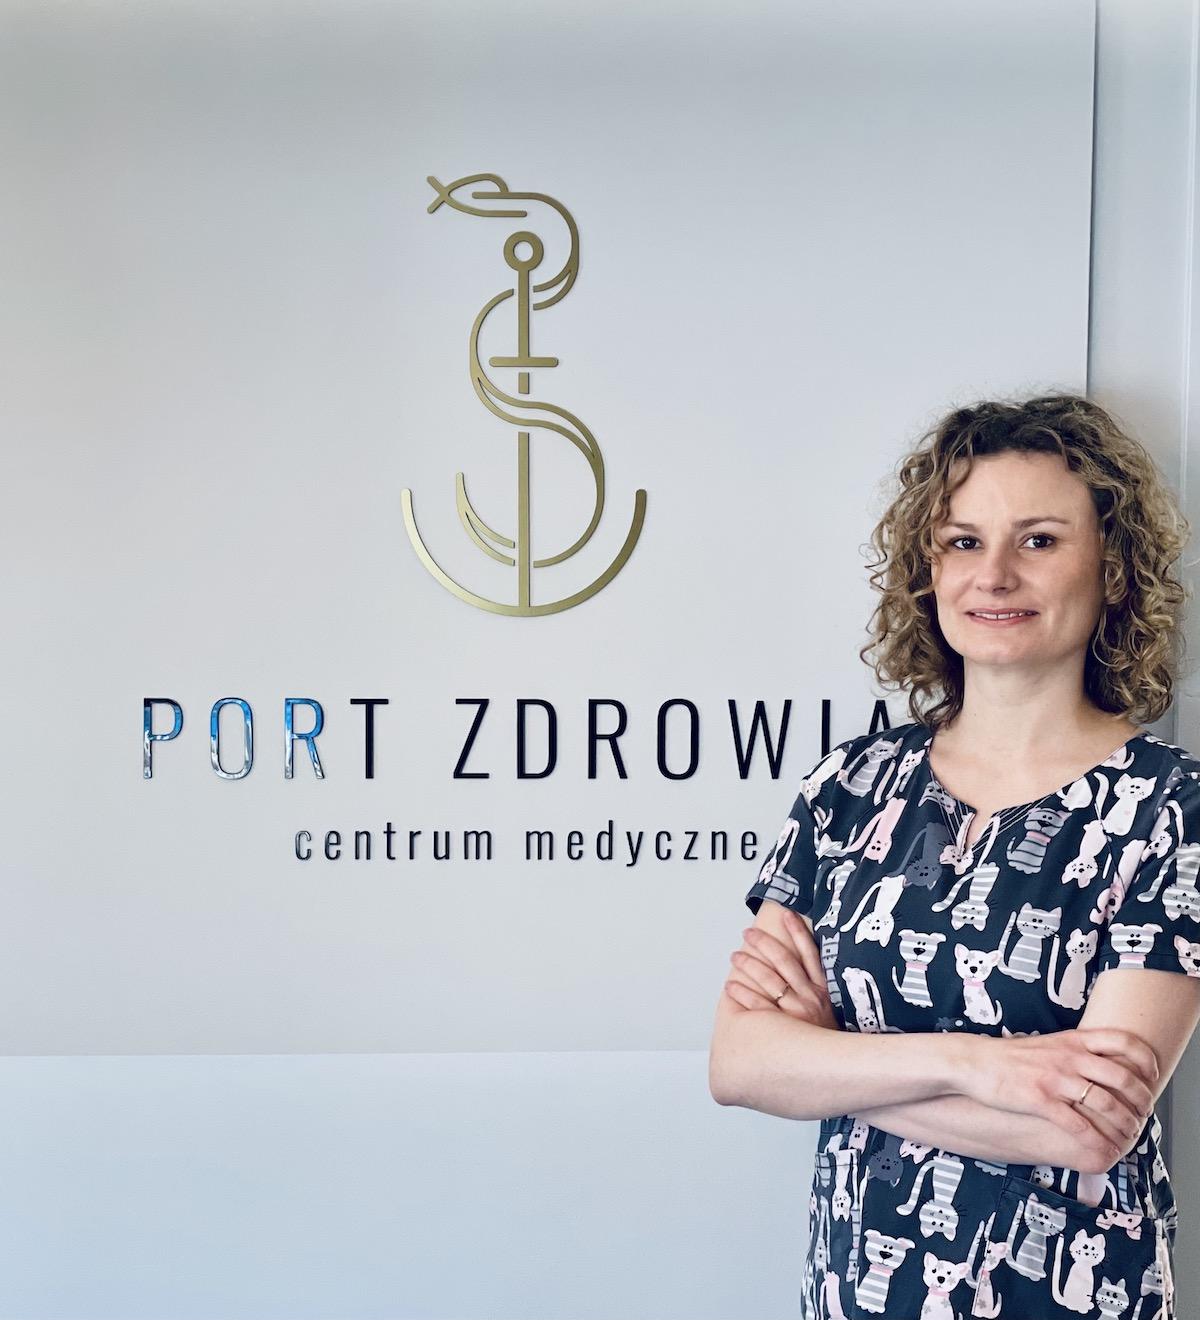 Małgorzata Wiszniowska-Kaubat